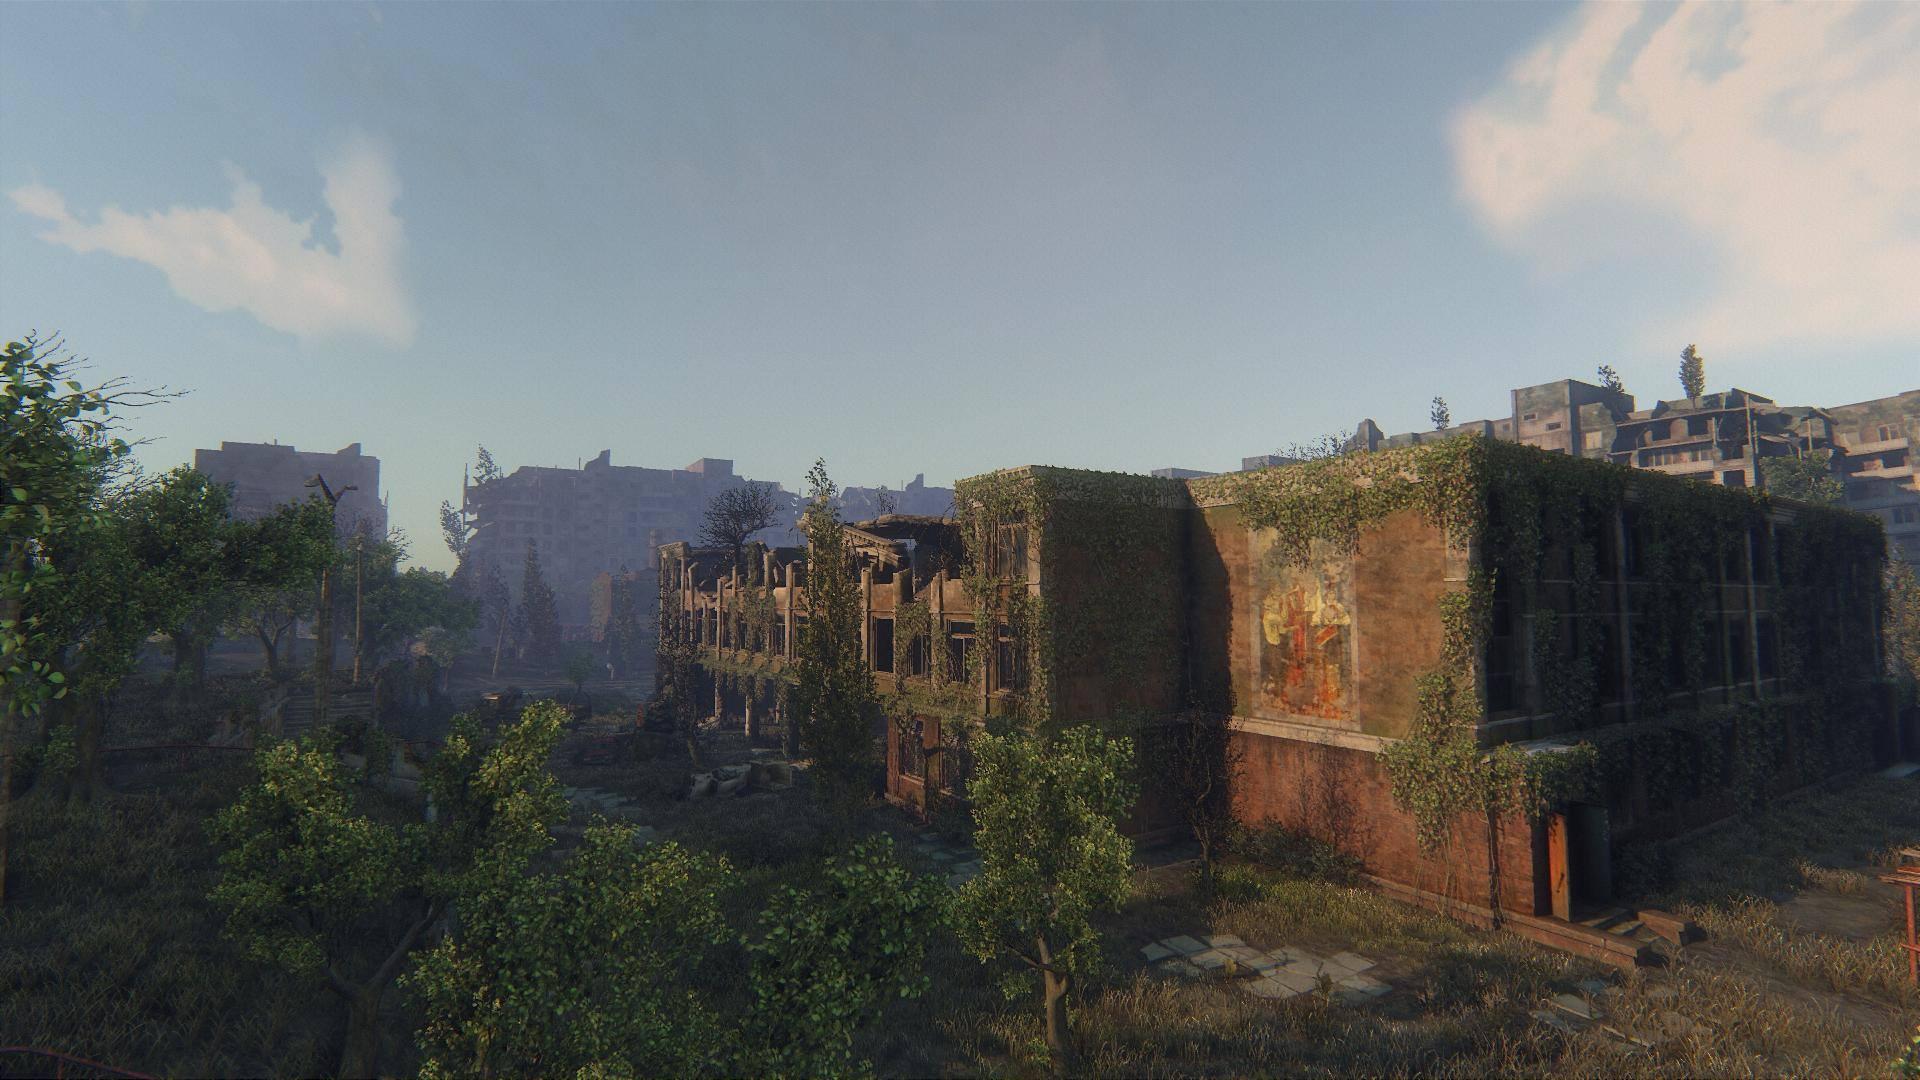 Zarostlé a rozpadající se budovy v Survarium 90471